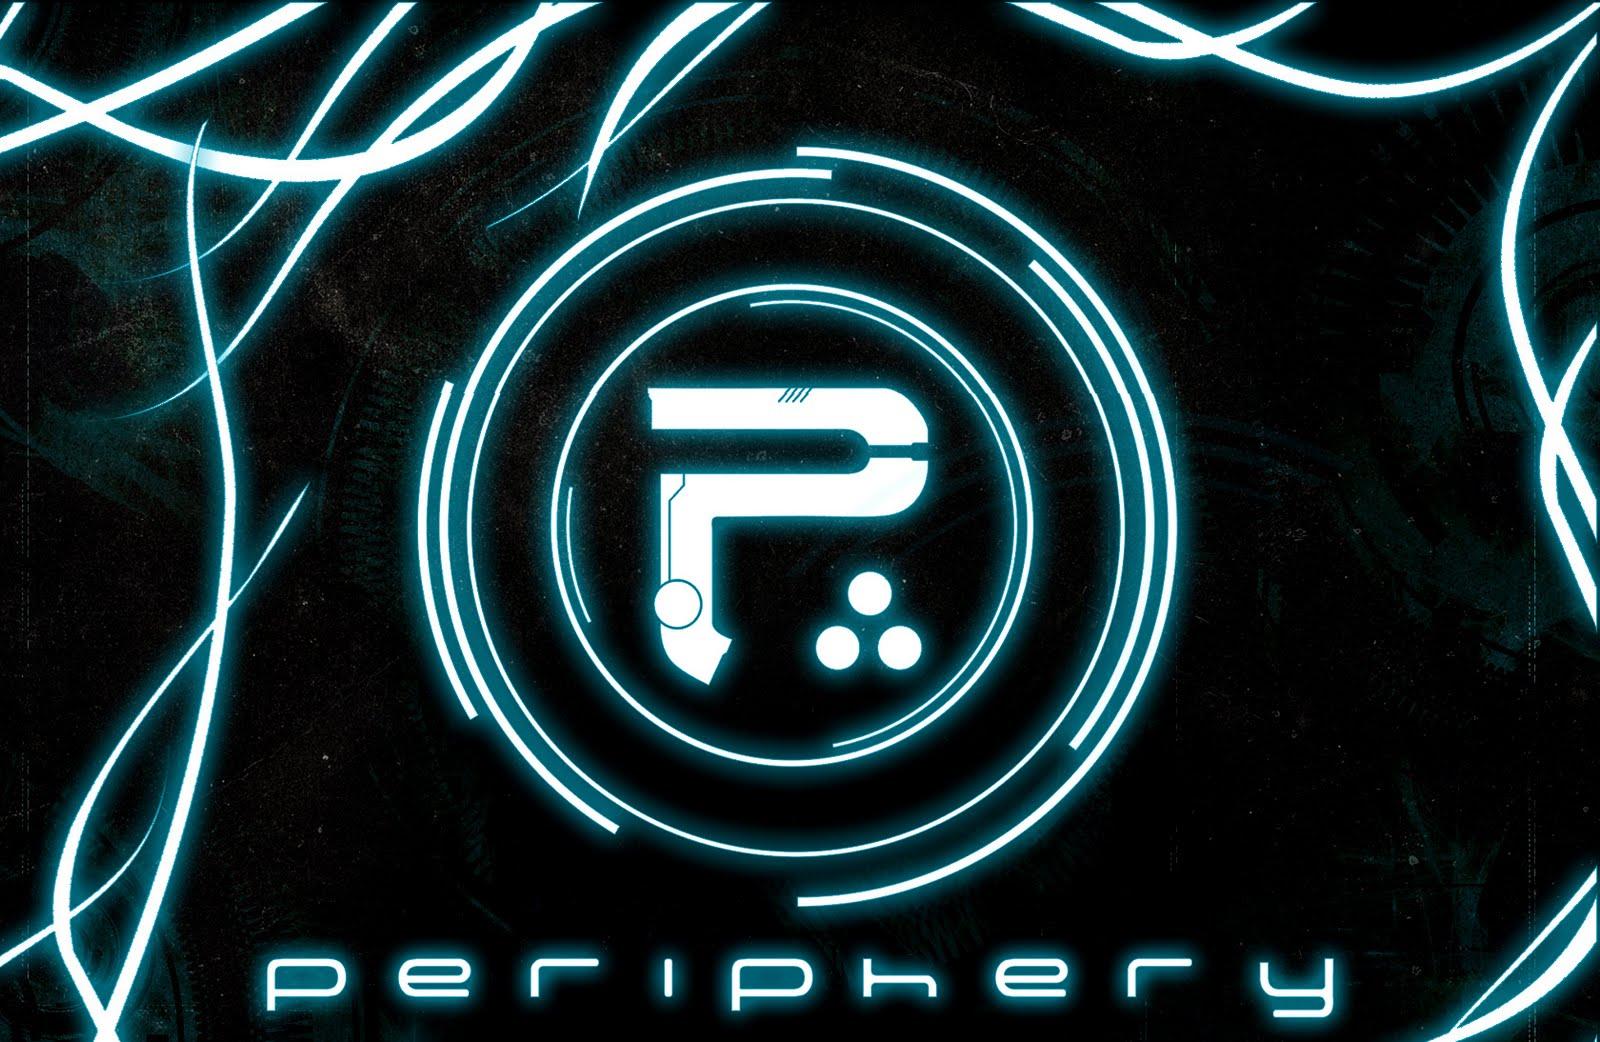 PERIPHERY-BG